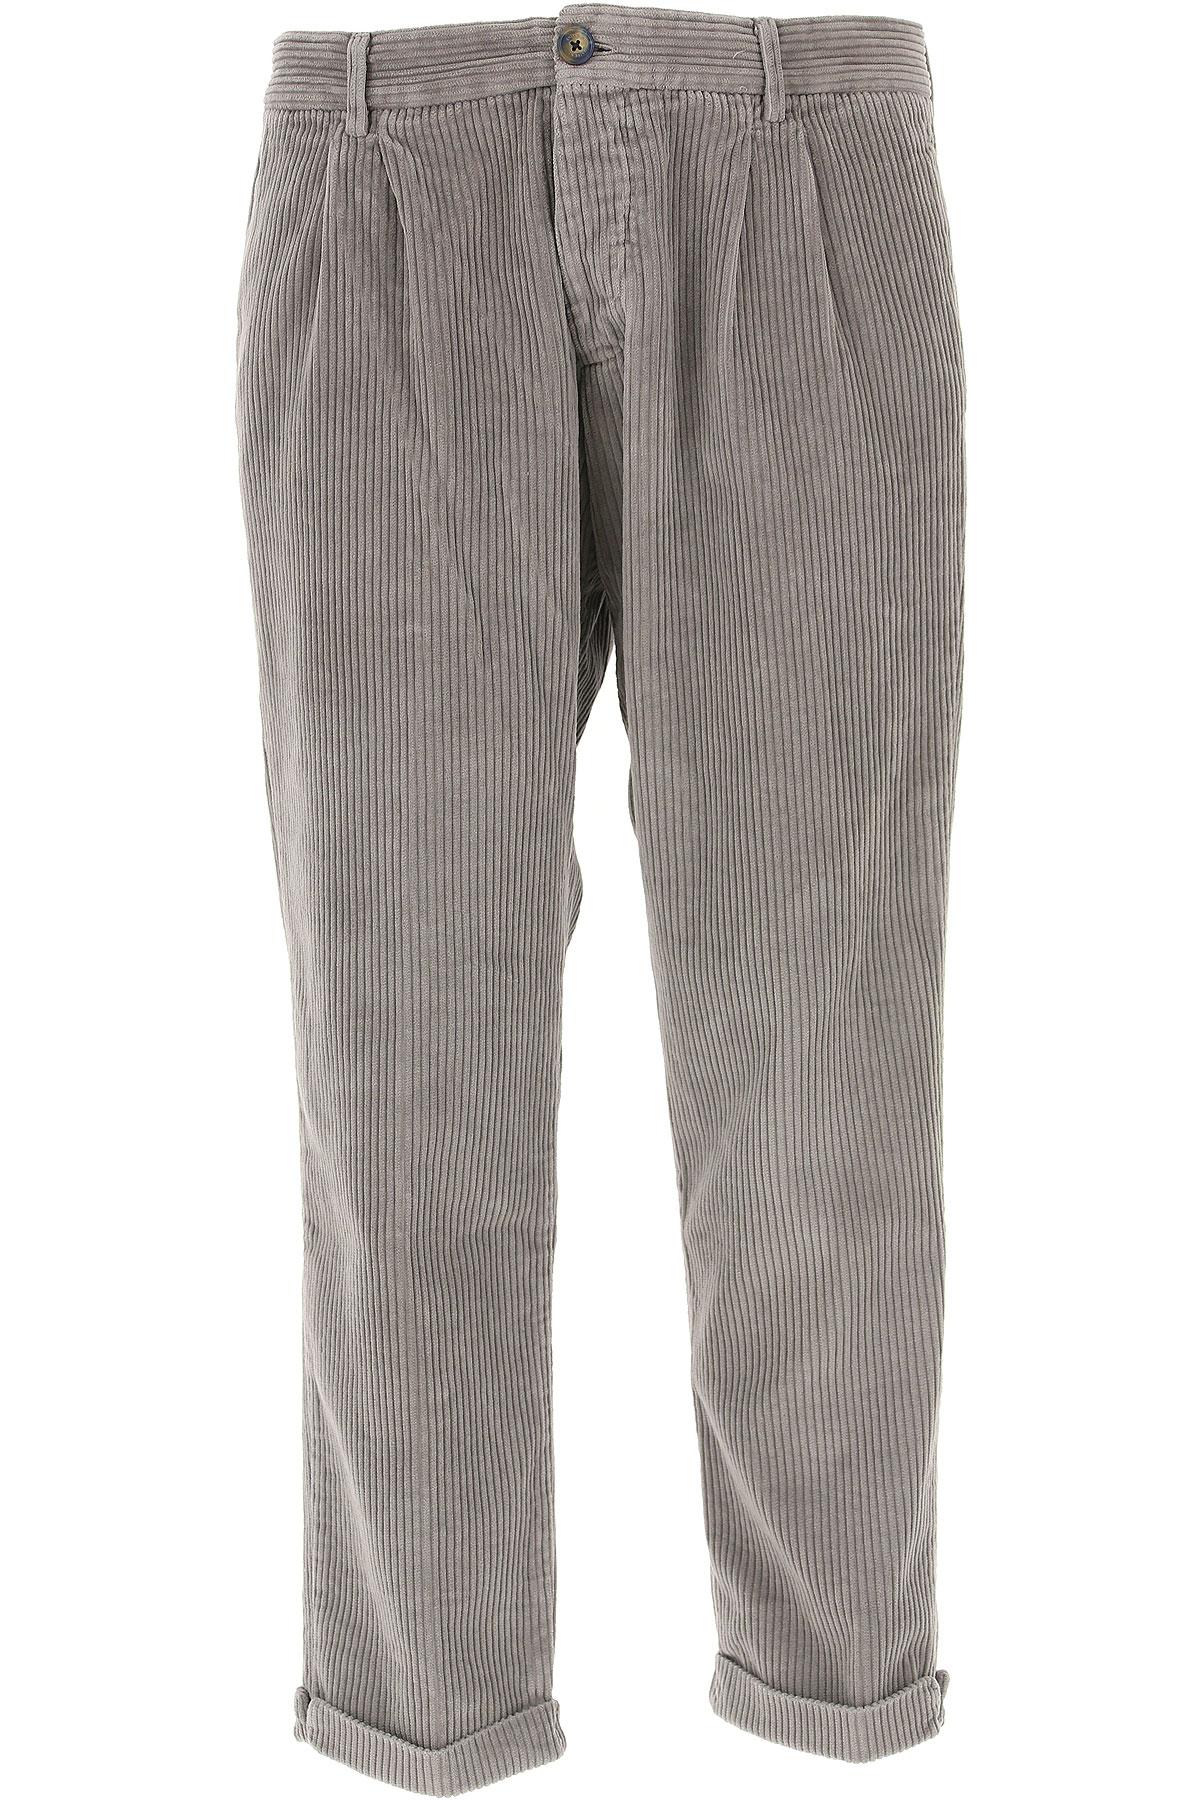 Image of J.W. Brine Pants for Men, Ash, Cotton, 2017, 30 32 34 36 38